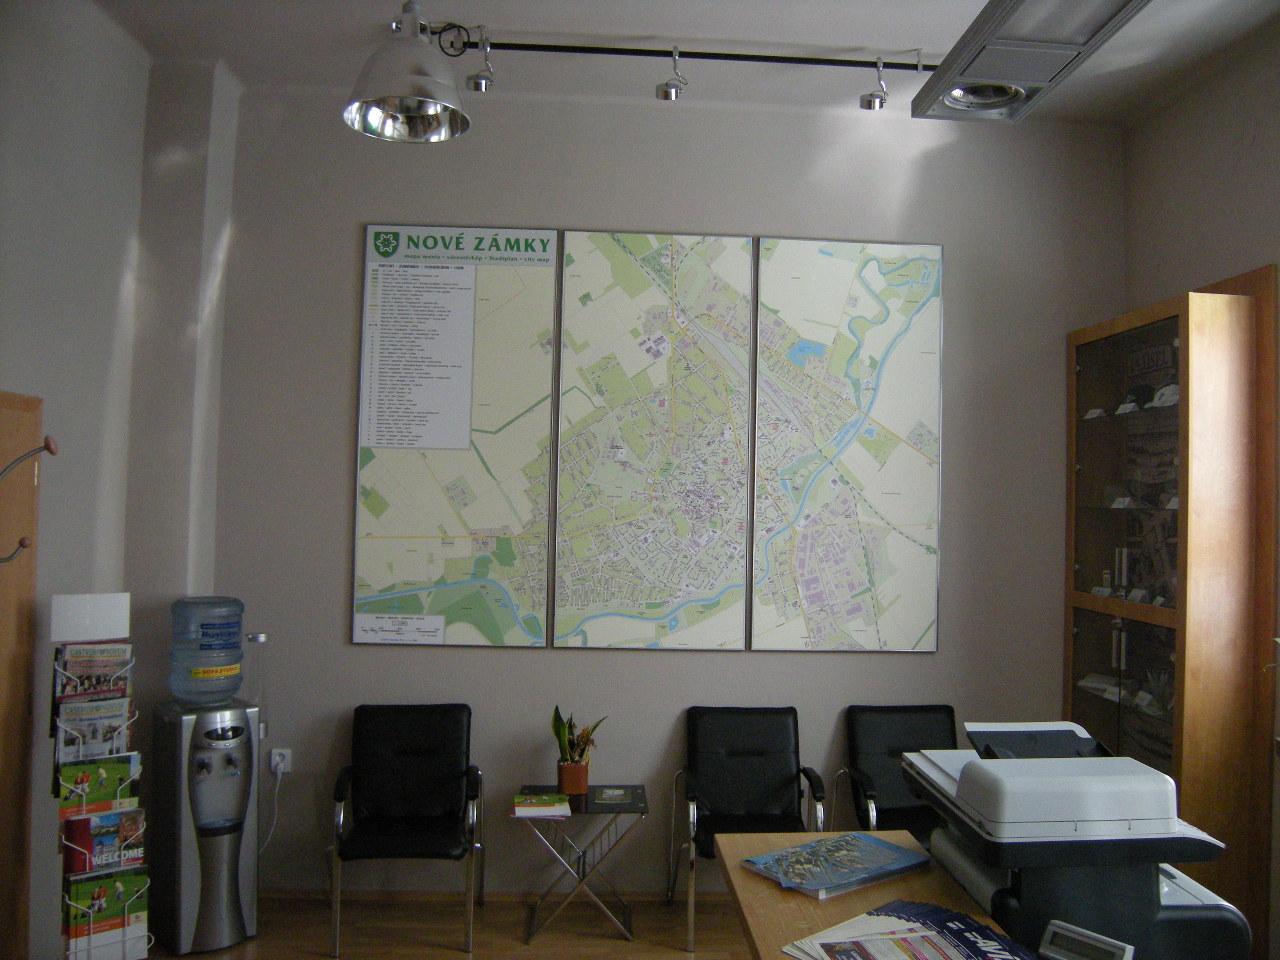 Projekt interiéru info centra NZ 05